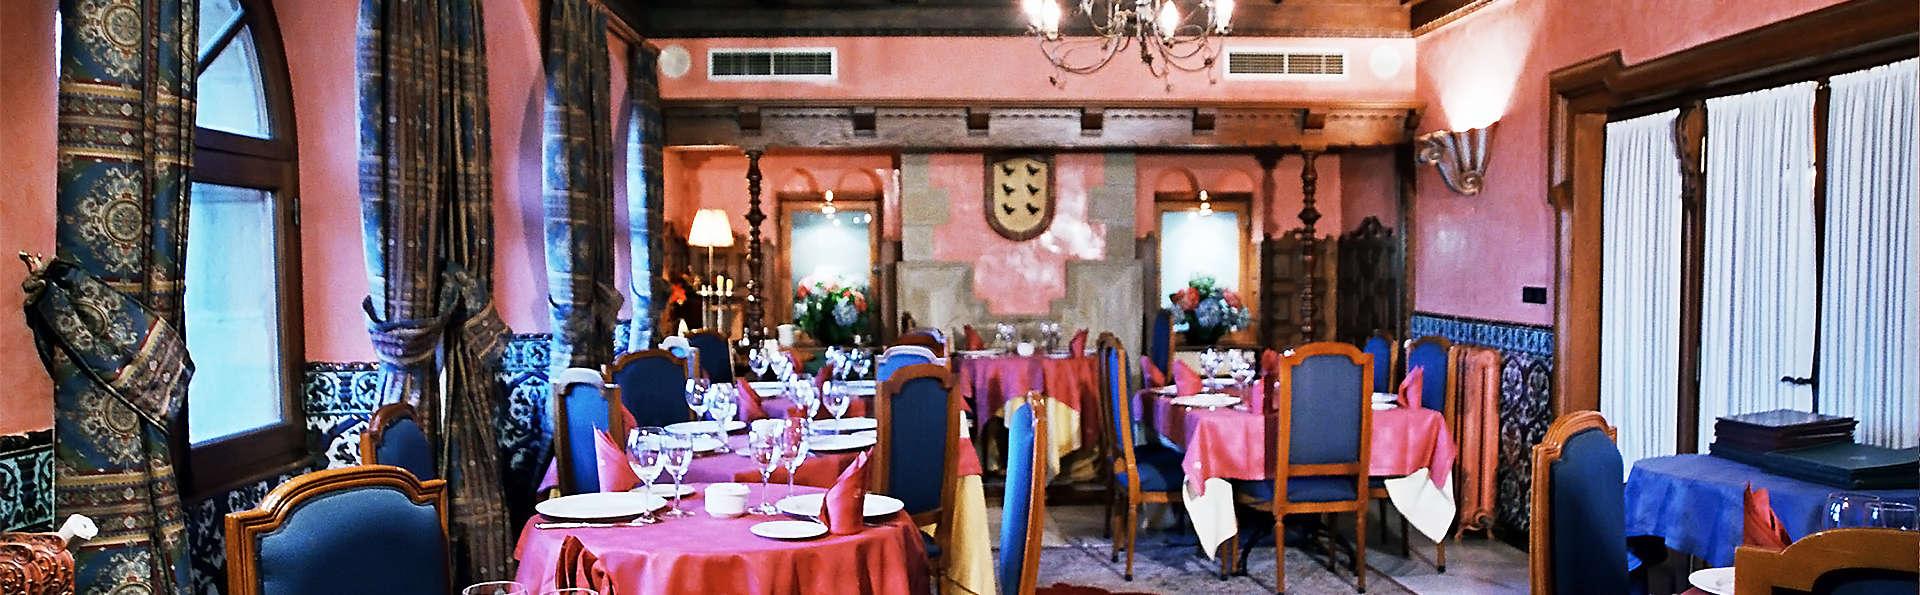 Escapade avec dîner typique dans La Rioja Alavesa